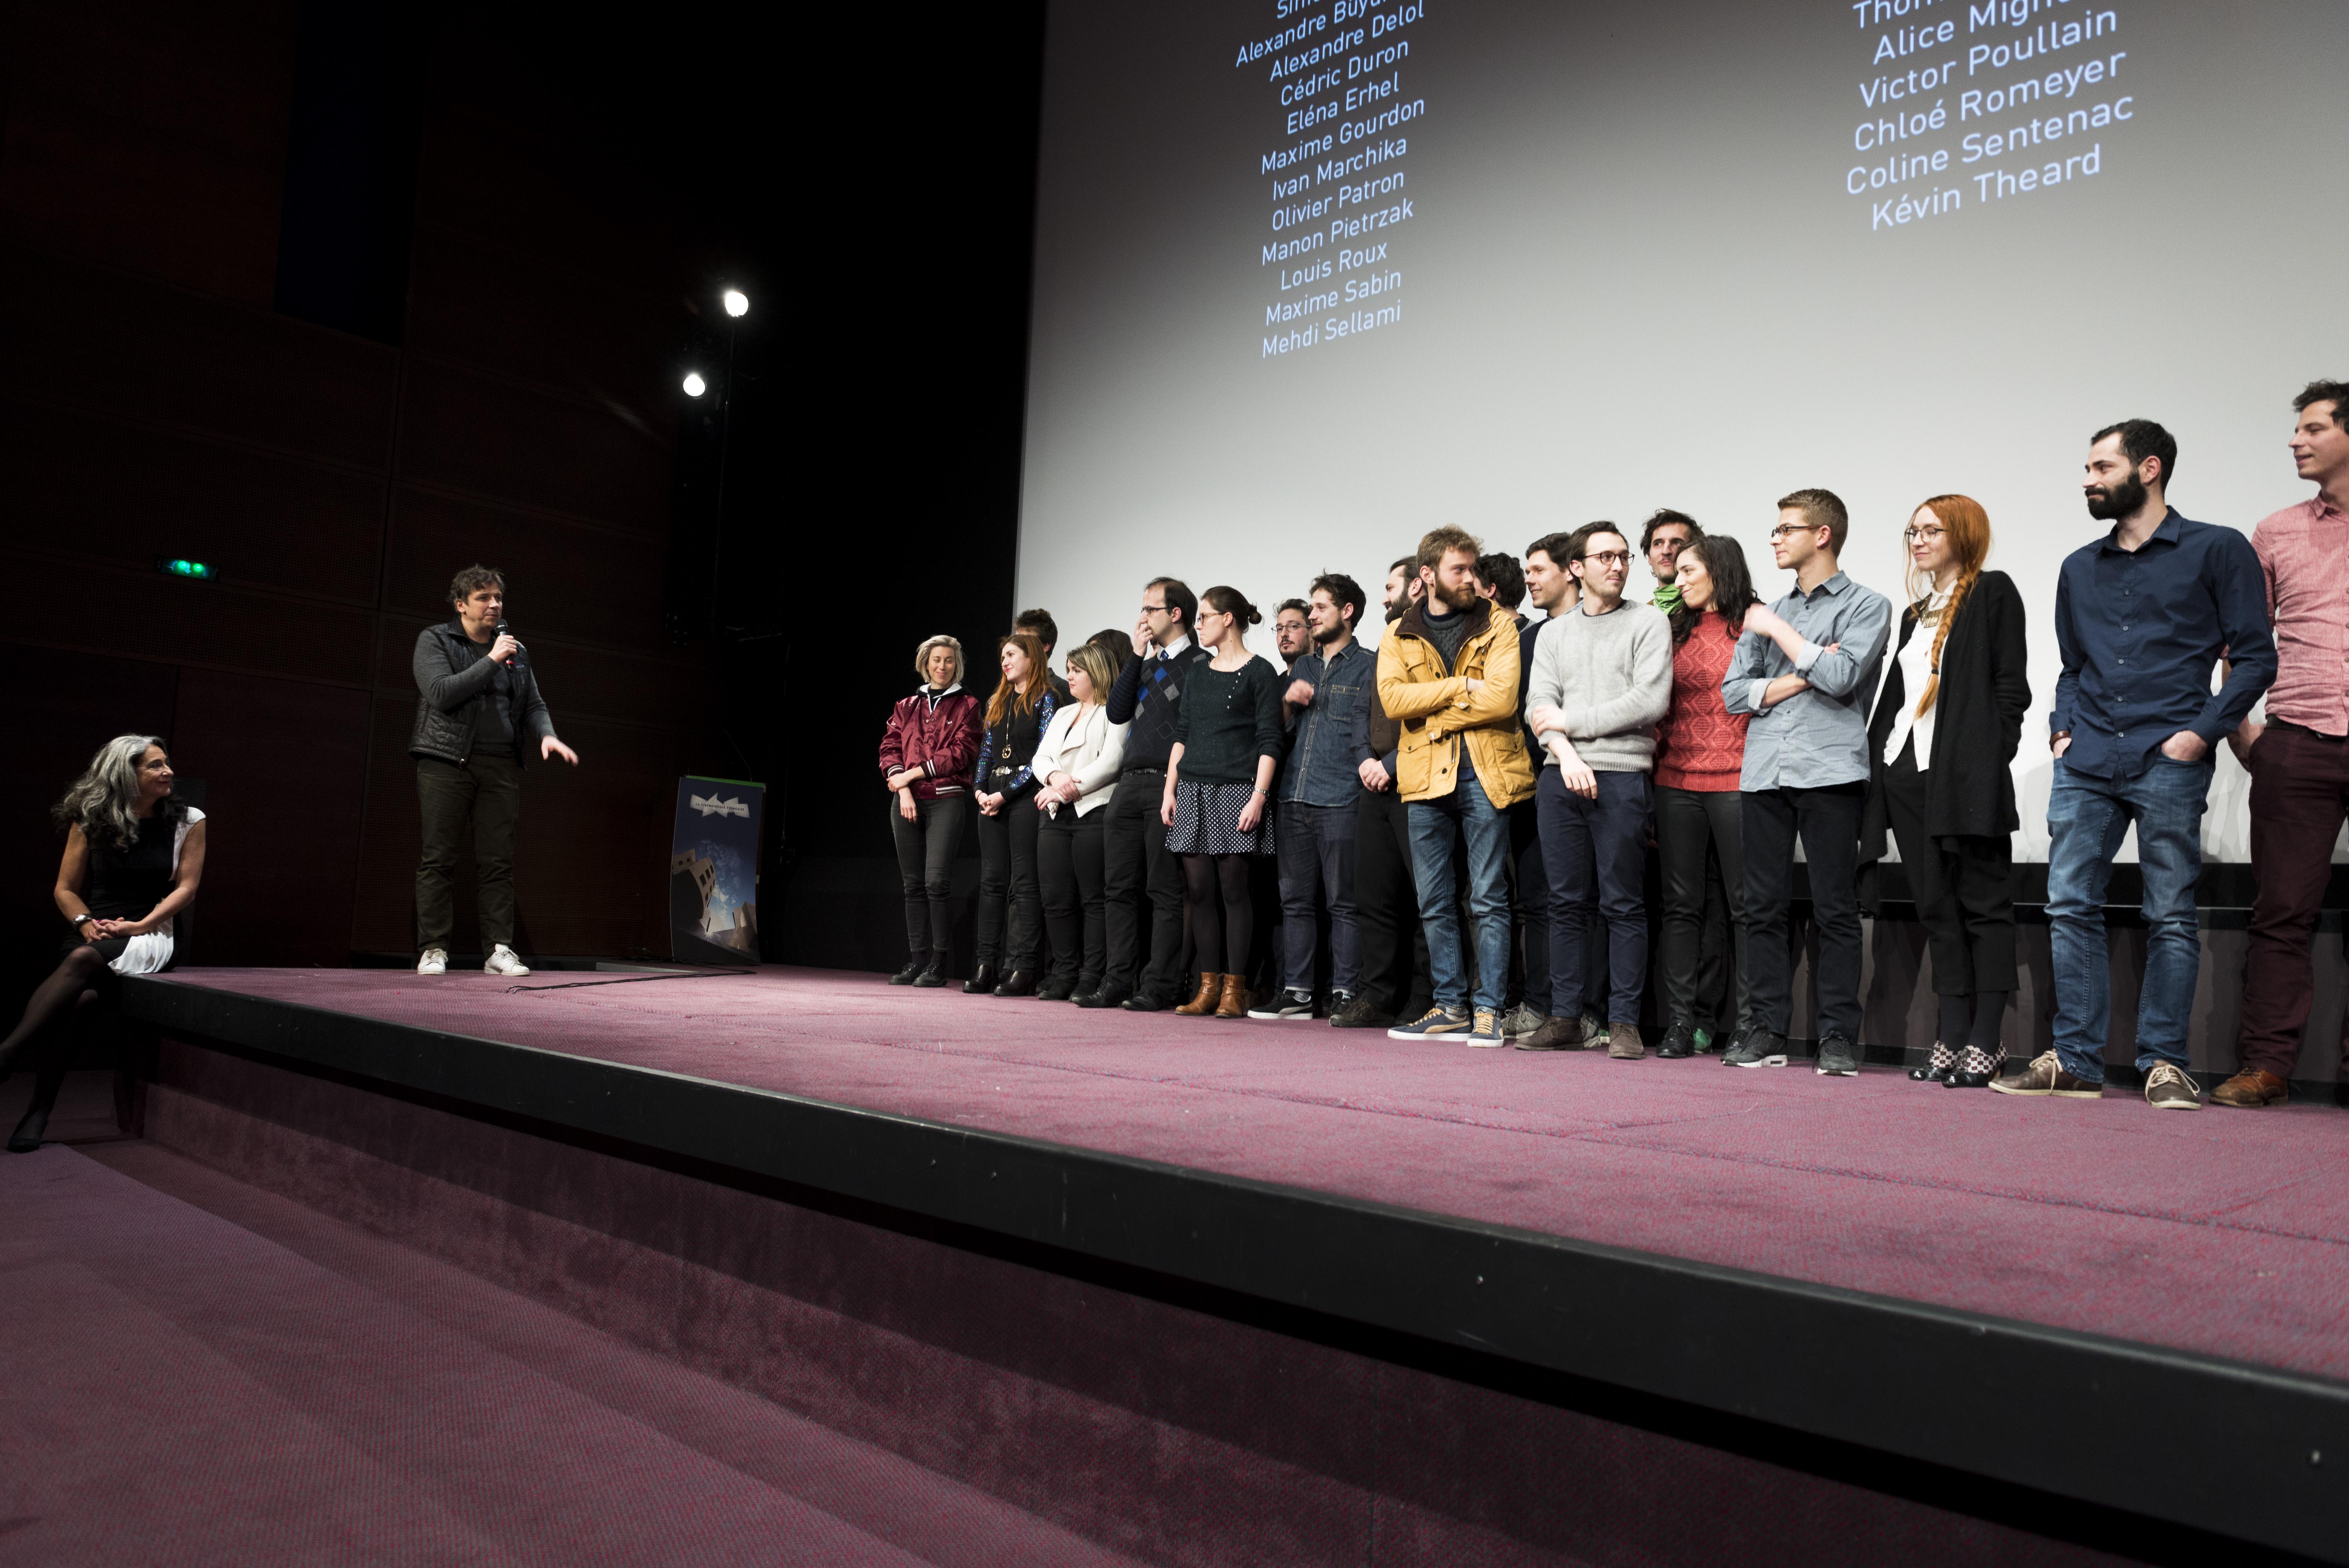 Soirée des diplômés 2017 - Francine Lévy, Gilles Gaillard et la promotion 2016